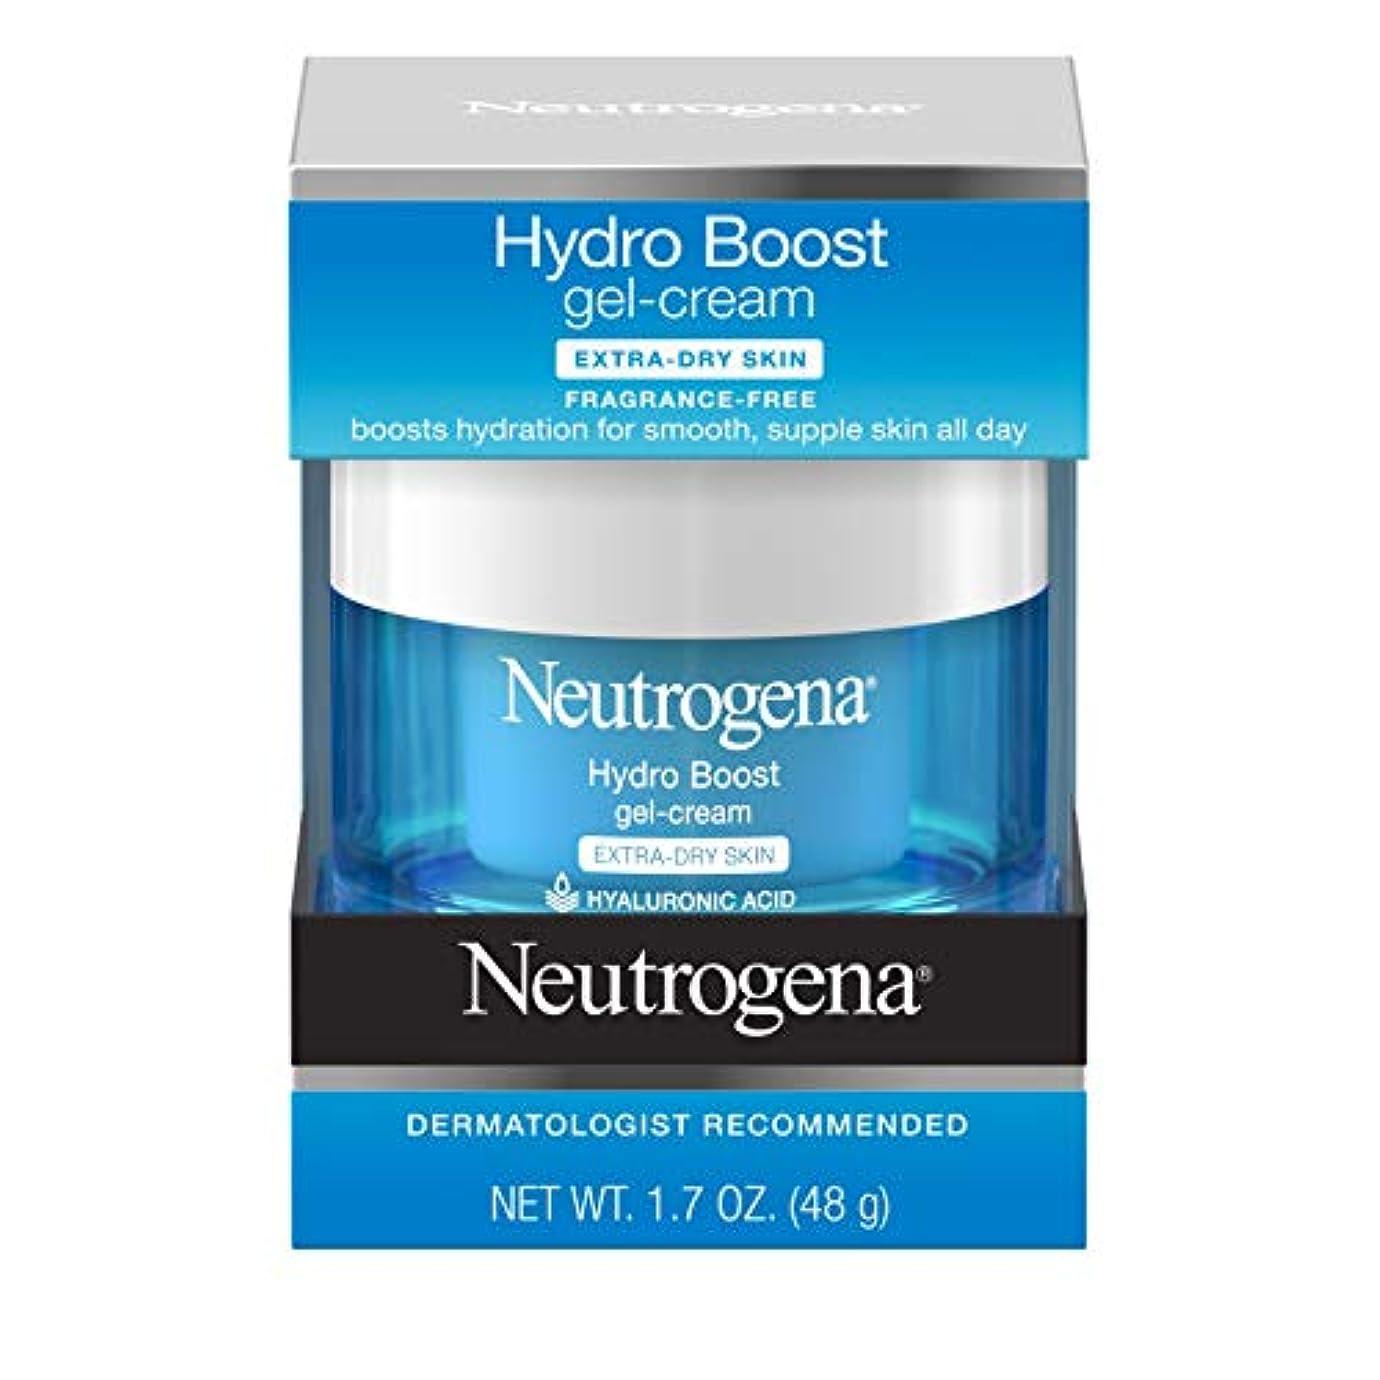 テスピアン吐き出すカロリーNeutrogena Hydro Boost Gel Cream, Extra Dry Skin, 1.7 Ounce  海外直送品?並行輸入品